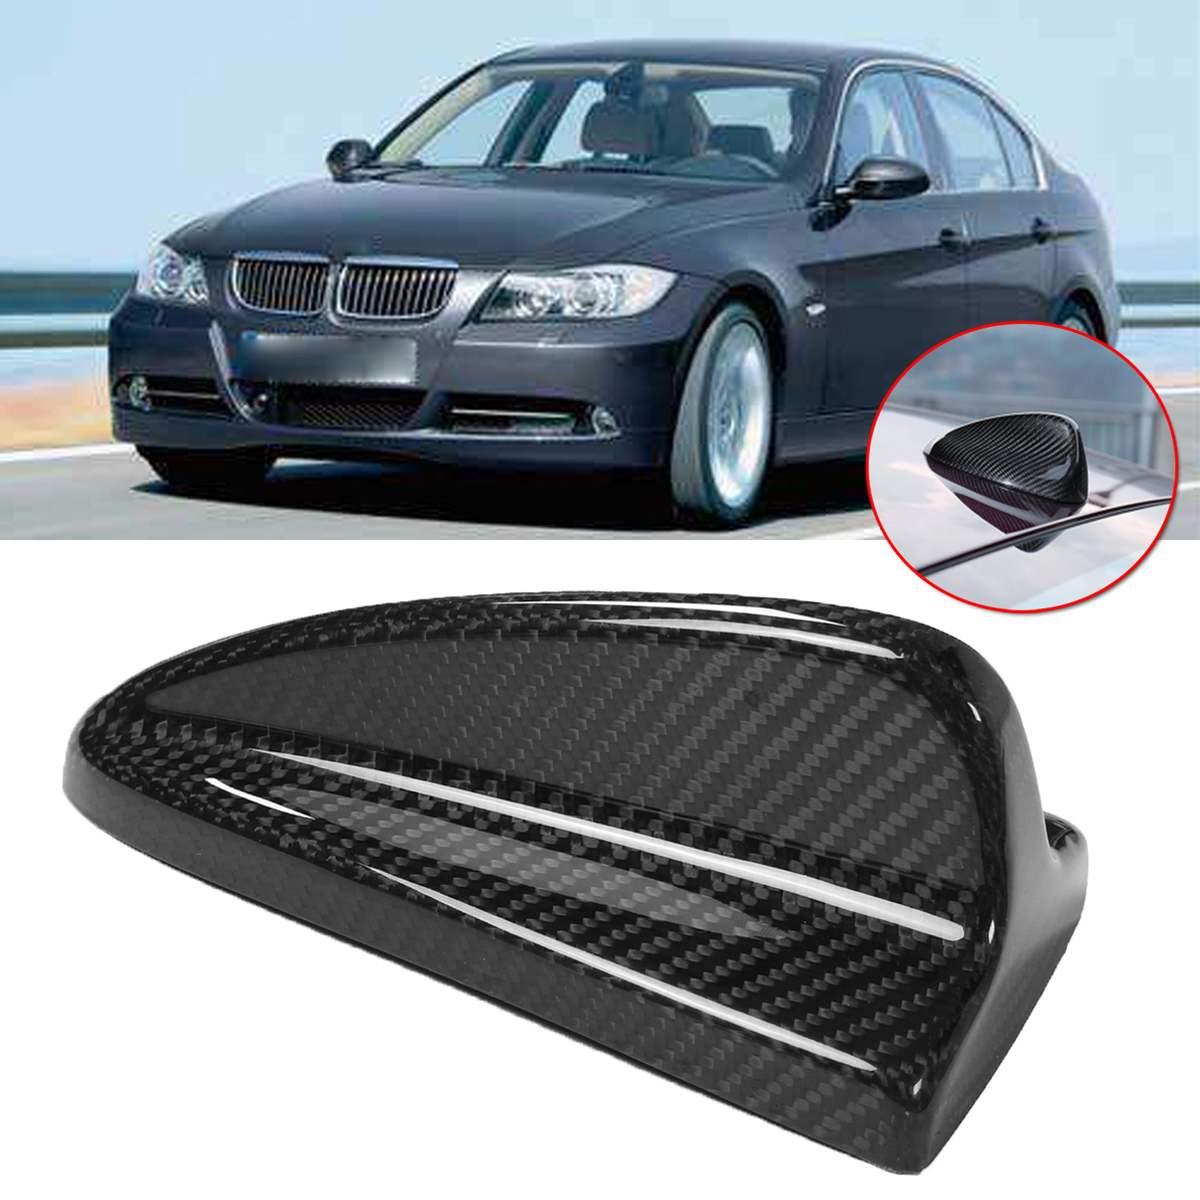 Couverture d'antenne d'aileron de requin de toit de voiture garniture en Fiber de carbone noire pour BMW série 3 E46 M3 E90 E92